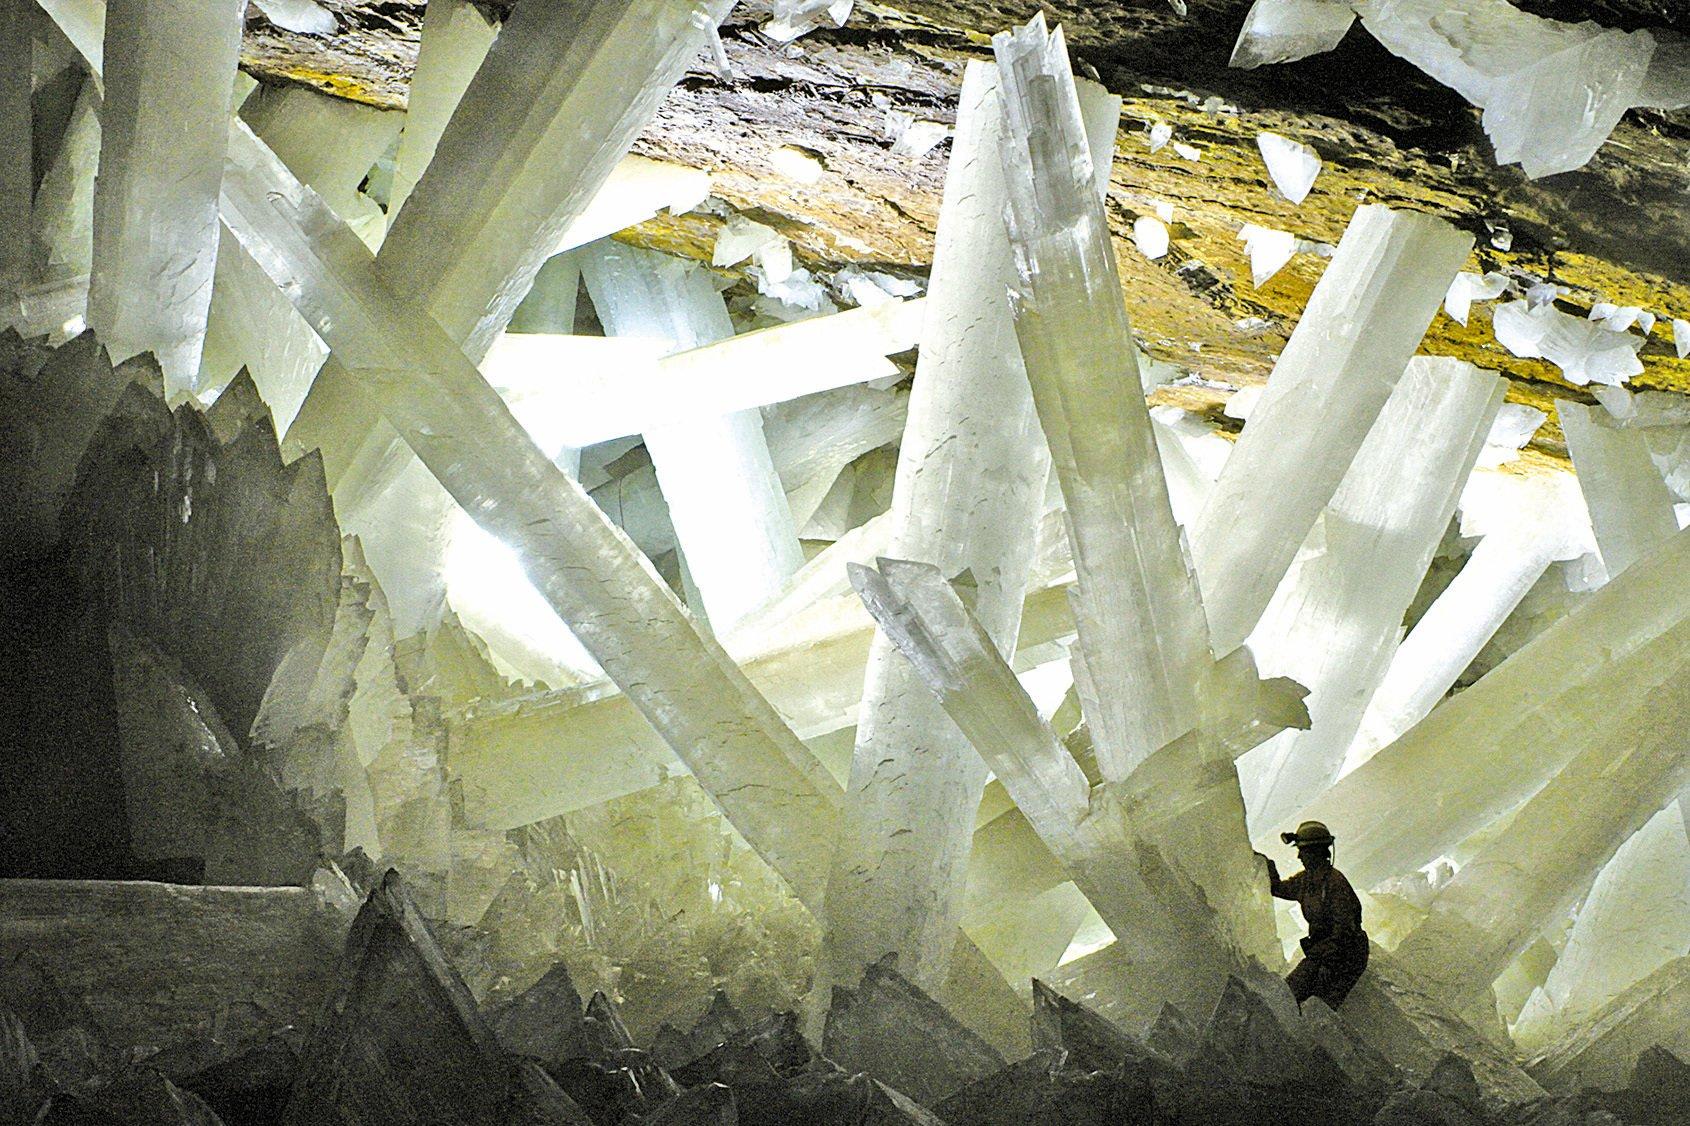 水晶洞內的石柱巨大而美麗。(Alexander Van Driessche/Wikipedia)